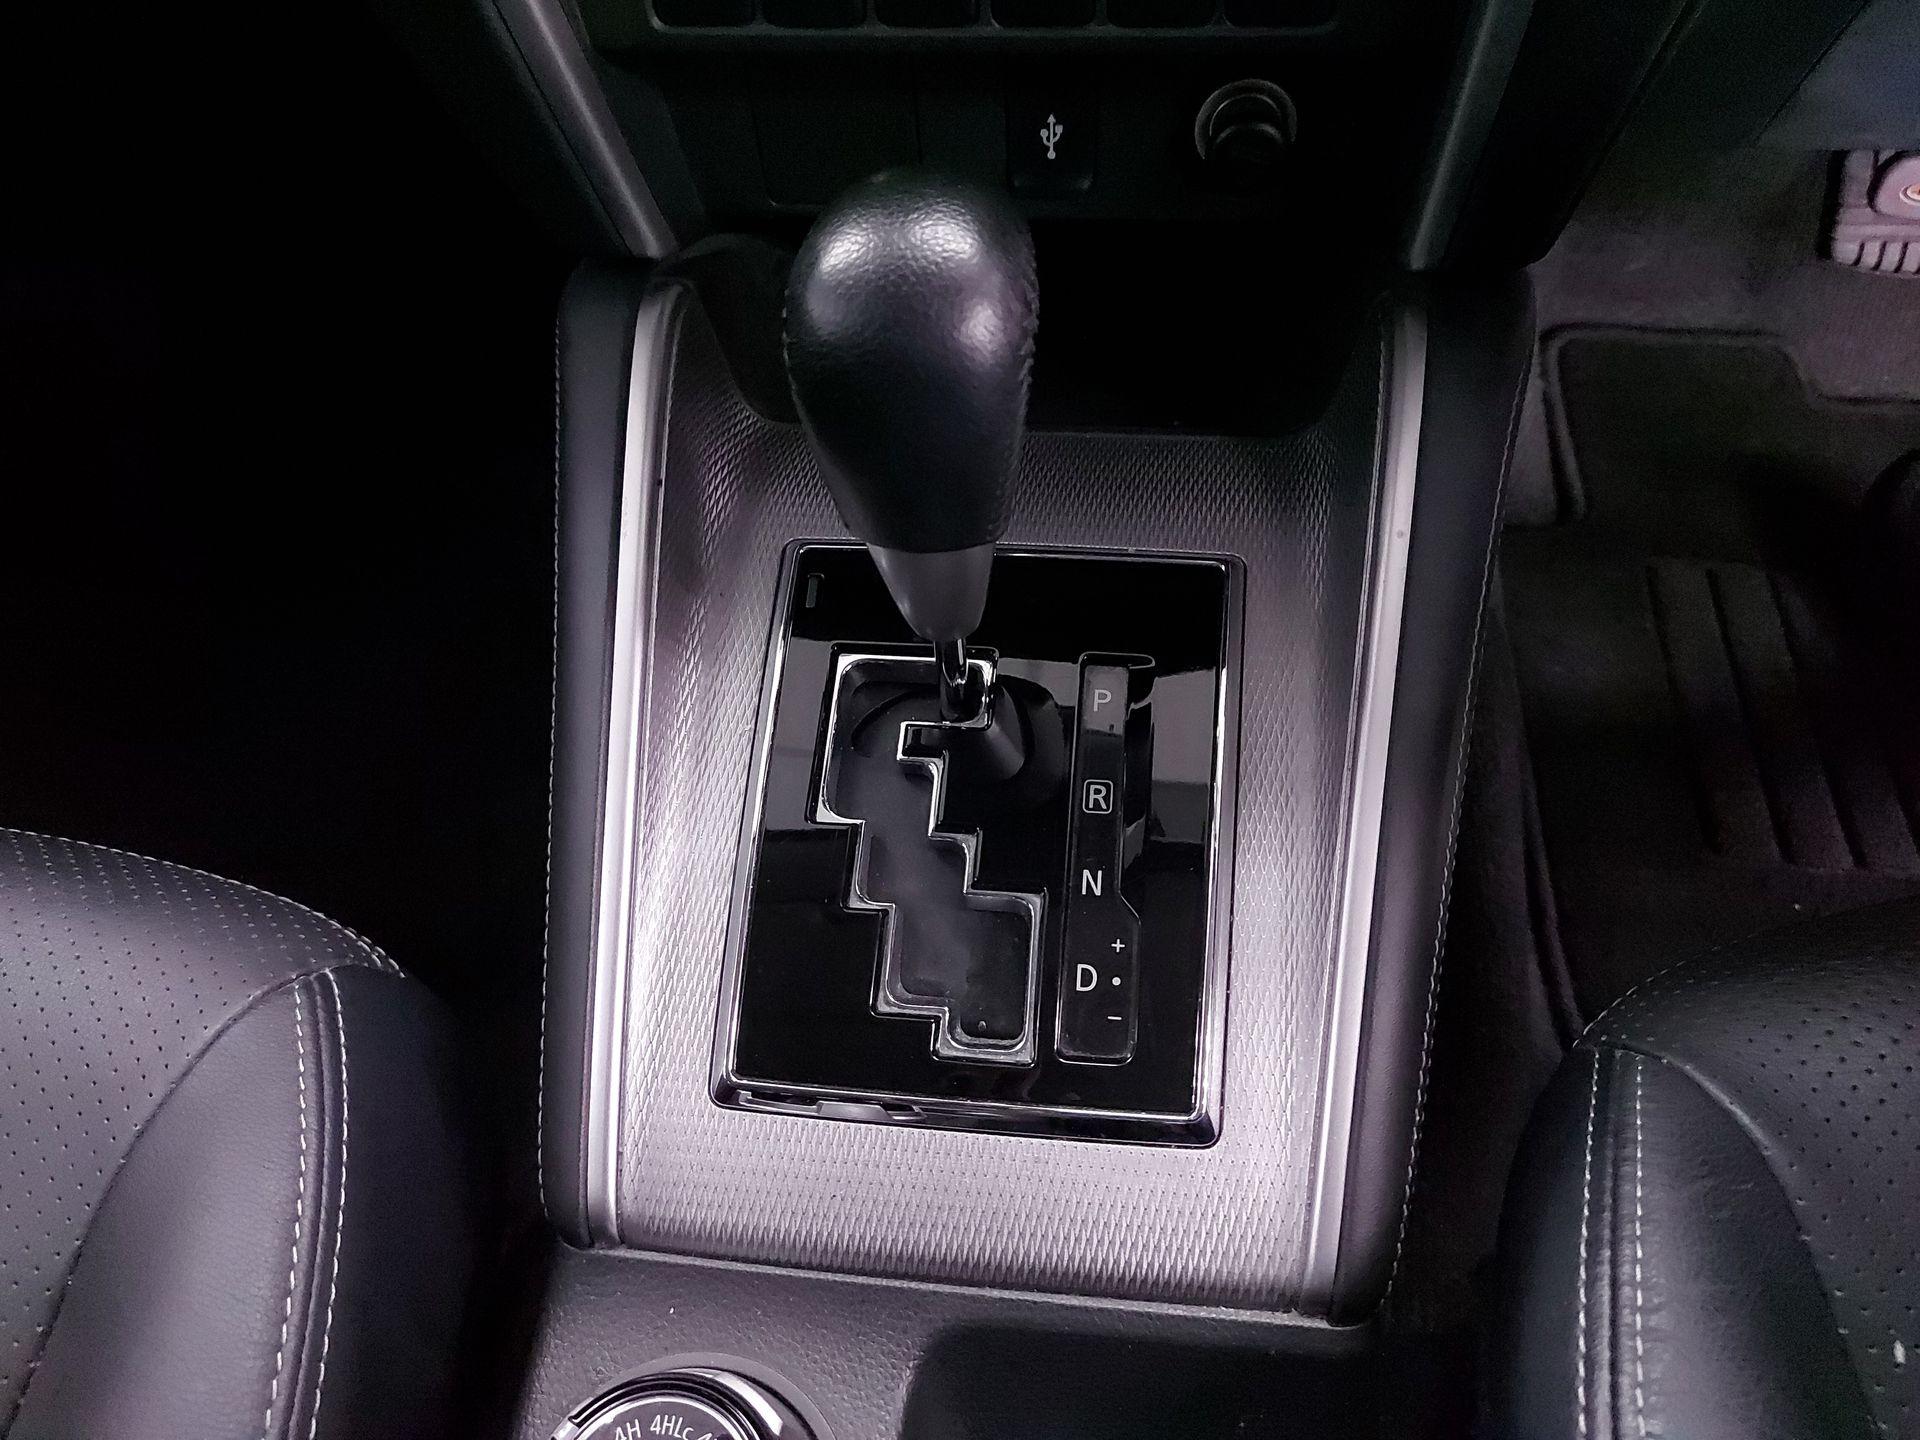 2019 Mitsubishi Triton 2.4L VGT HS AT